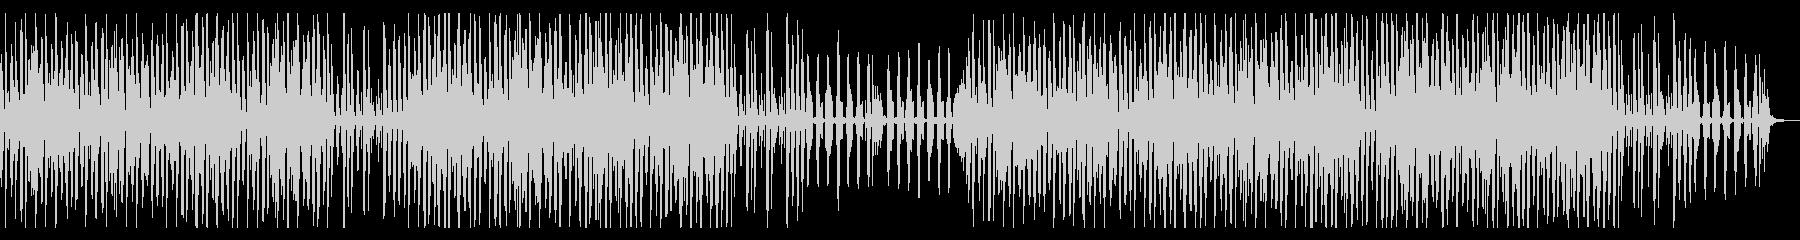 ピアノがはずむ可愛いトークBGMの未再生の波形